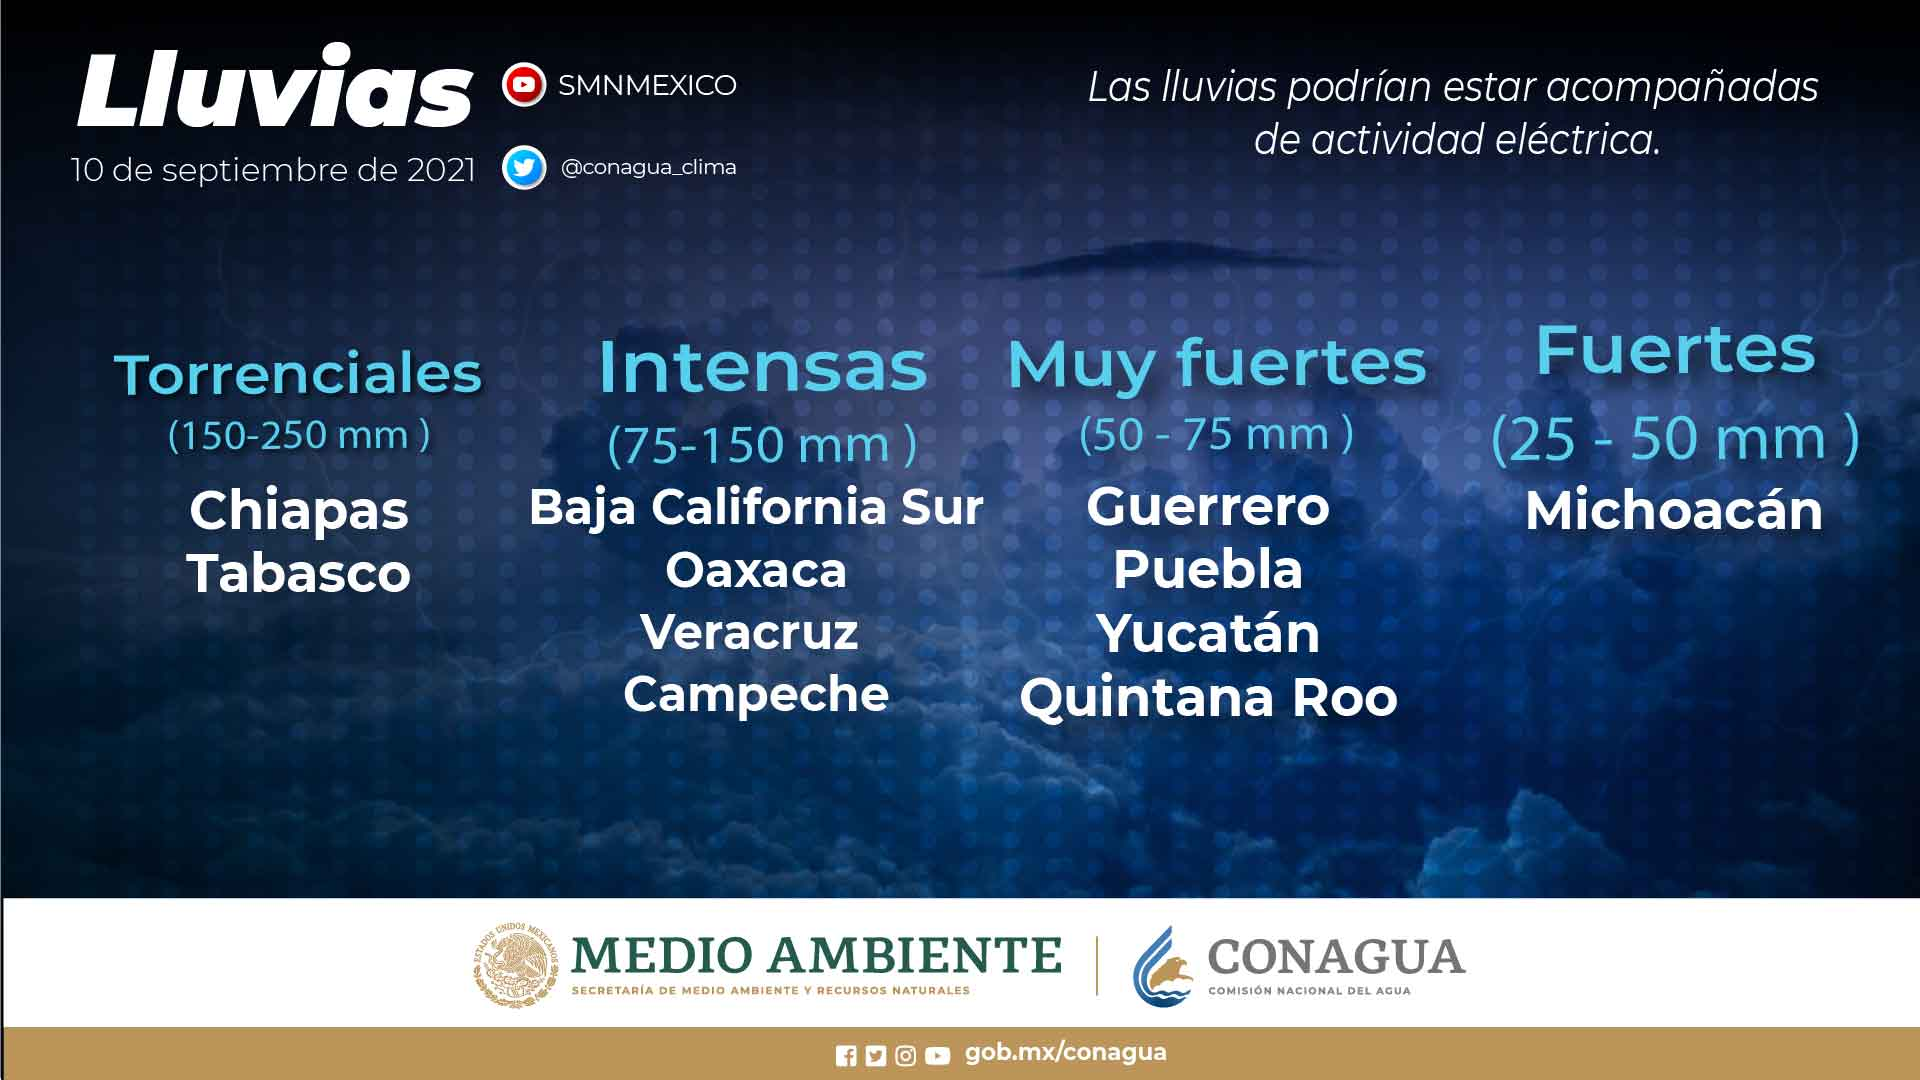 Se pronostican, para este viernes, lluvias torrenciales en Chiapas y Tabasco